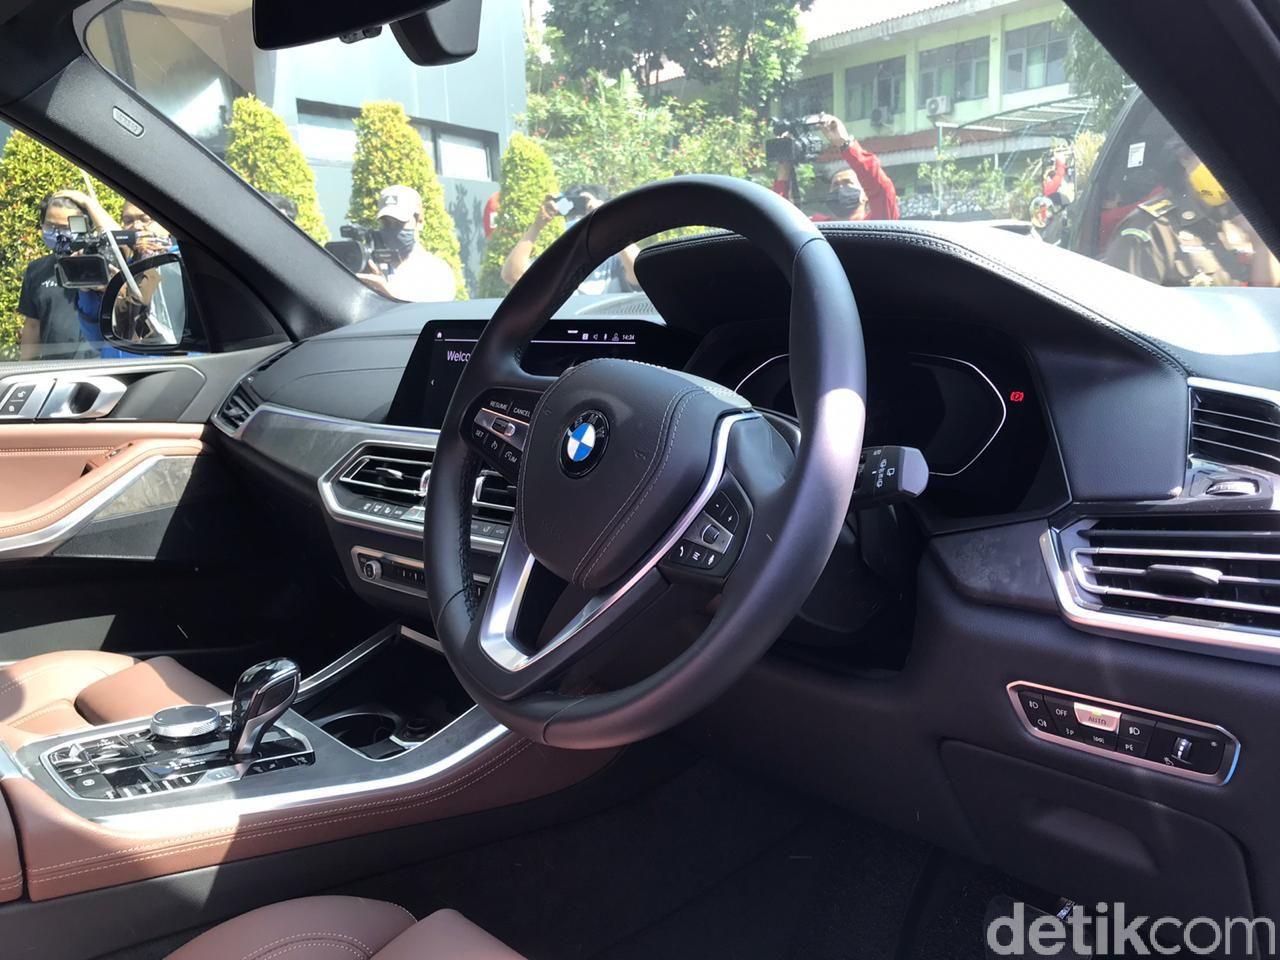 Mobil BMW jaksa Pinangki Sirna Malasari